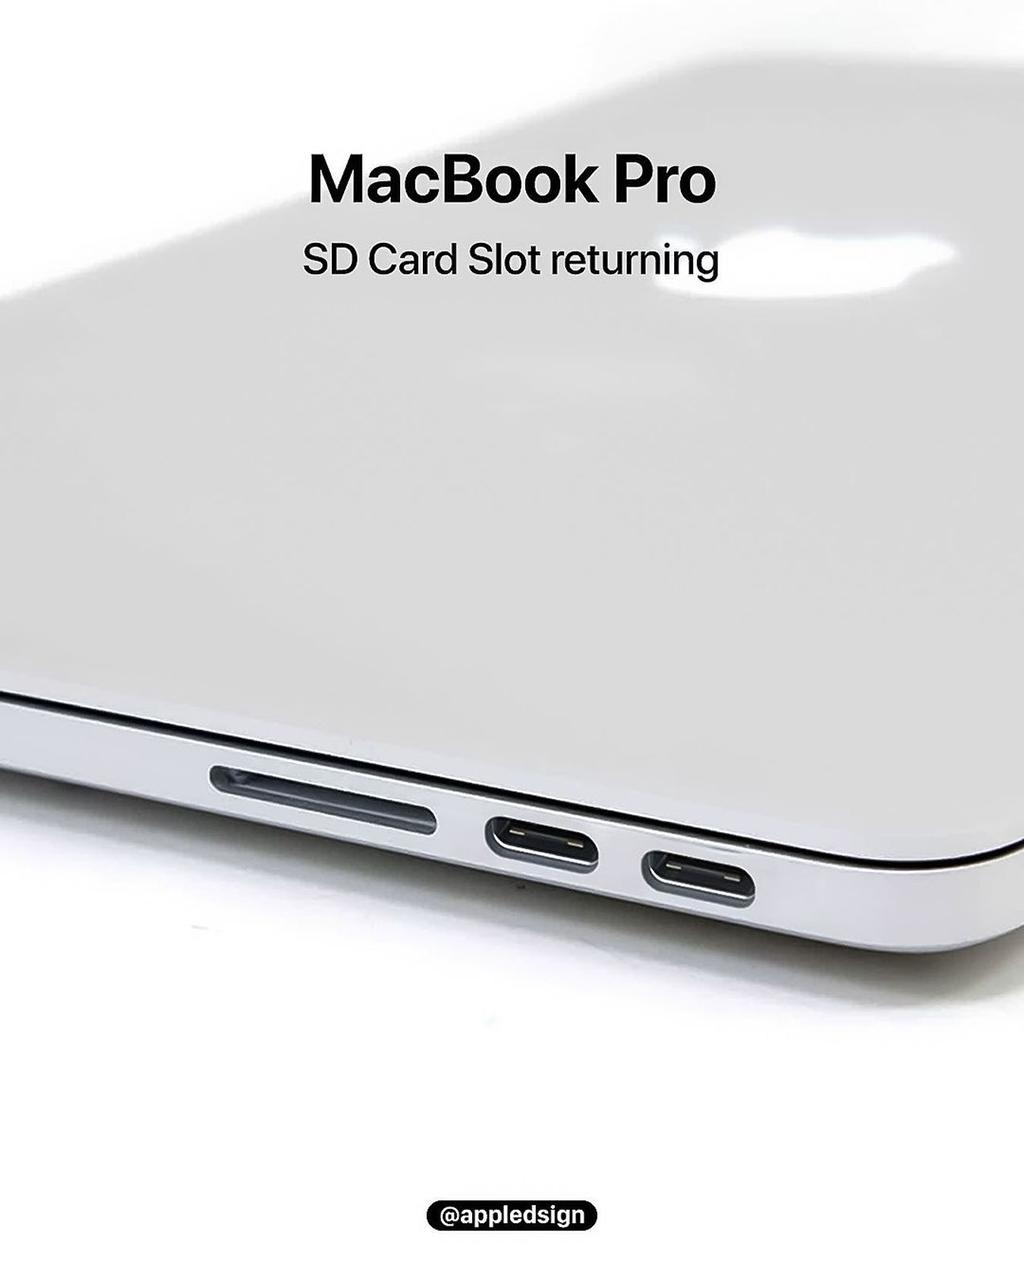 MacBook Pro 2021 được cho là sẽ có sự trở lại của khe đọc thẻ SD